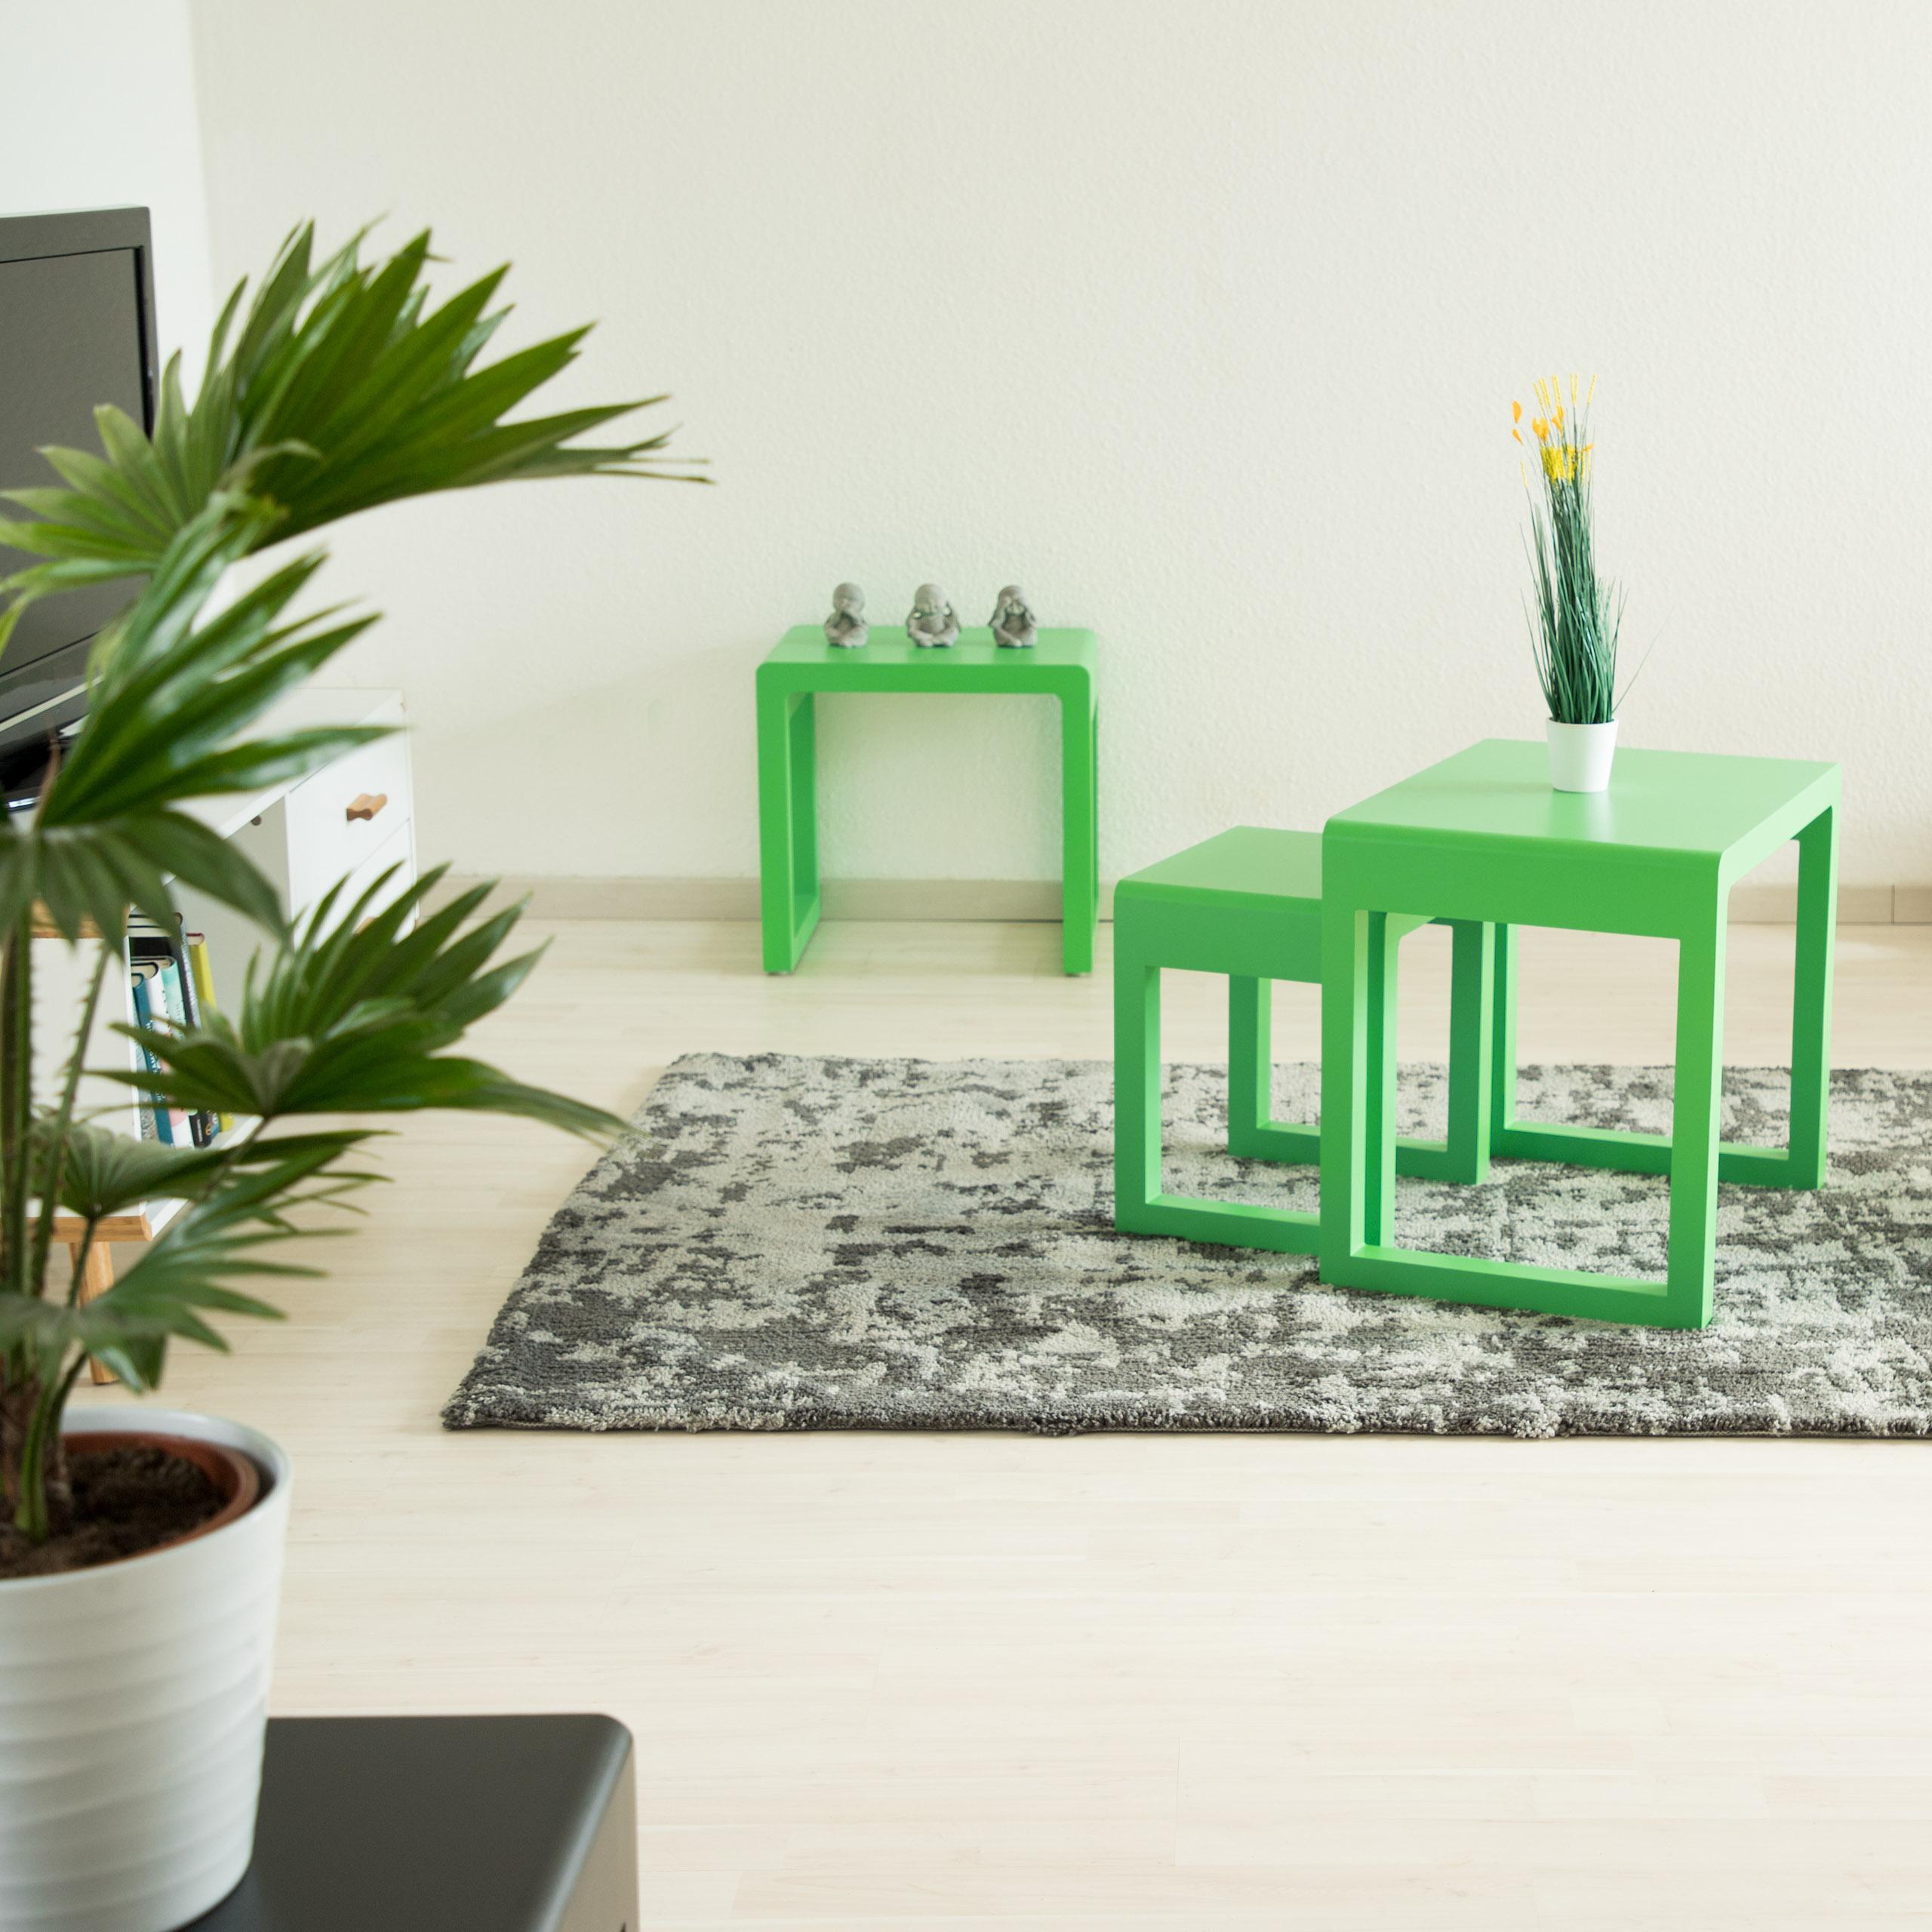 satztisch 3er set beistelltisch stapelbar holztisch lackiert wohnzimmertisch ebay. Black Bedroom Furniture Sets. Home Design Ideas